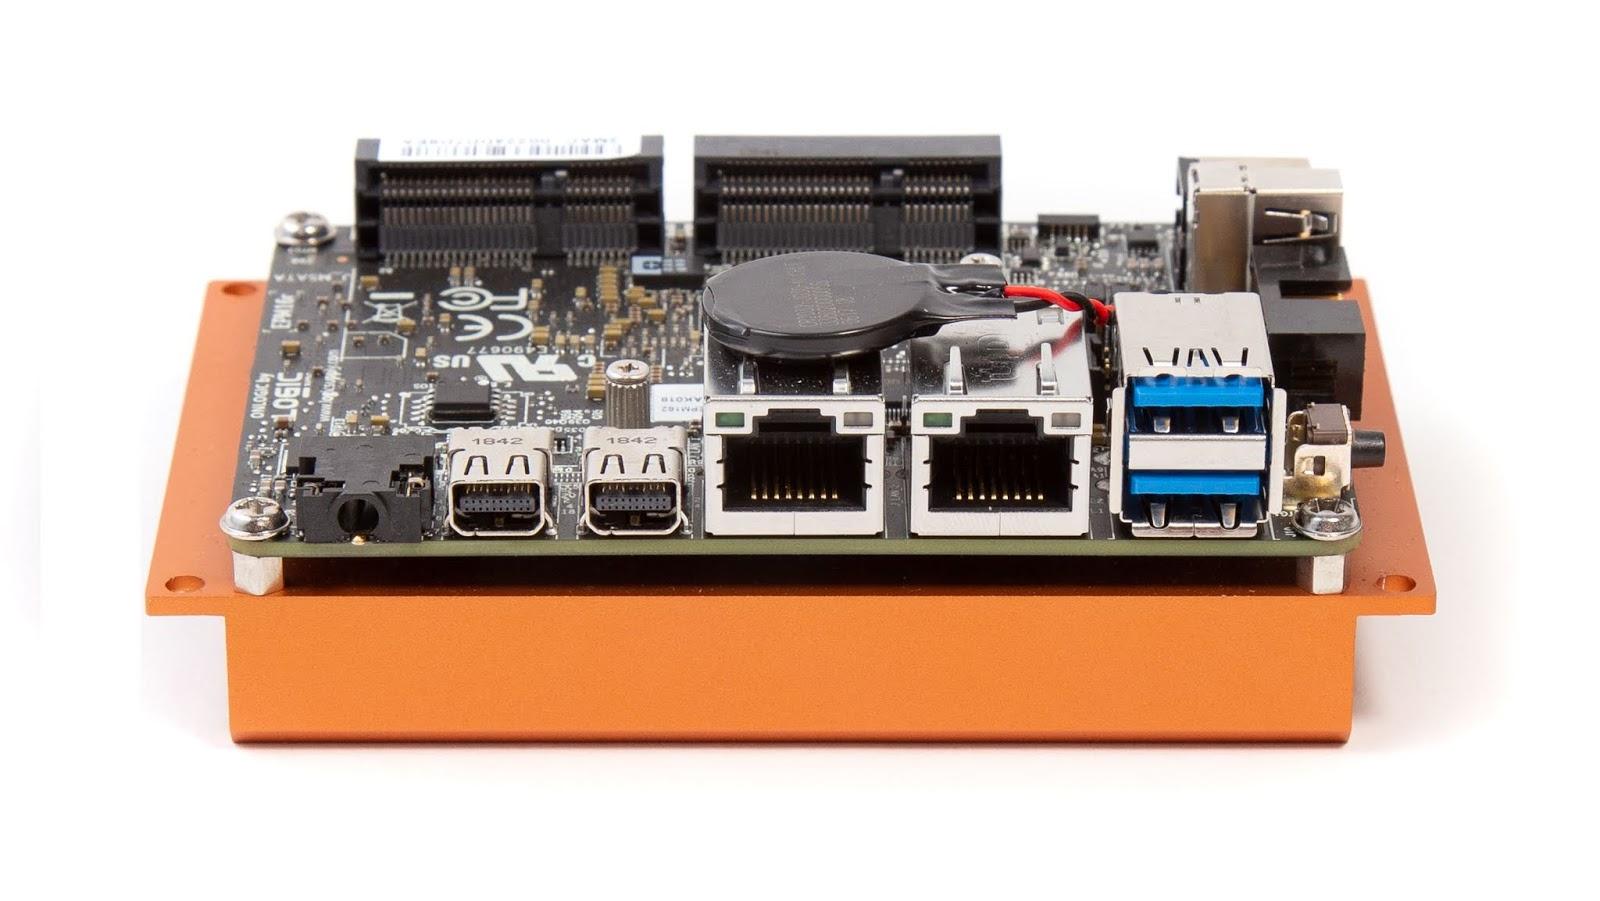 OnLogic Announces Four New Apollo Lake Pico-ITX SBCs